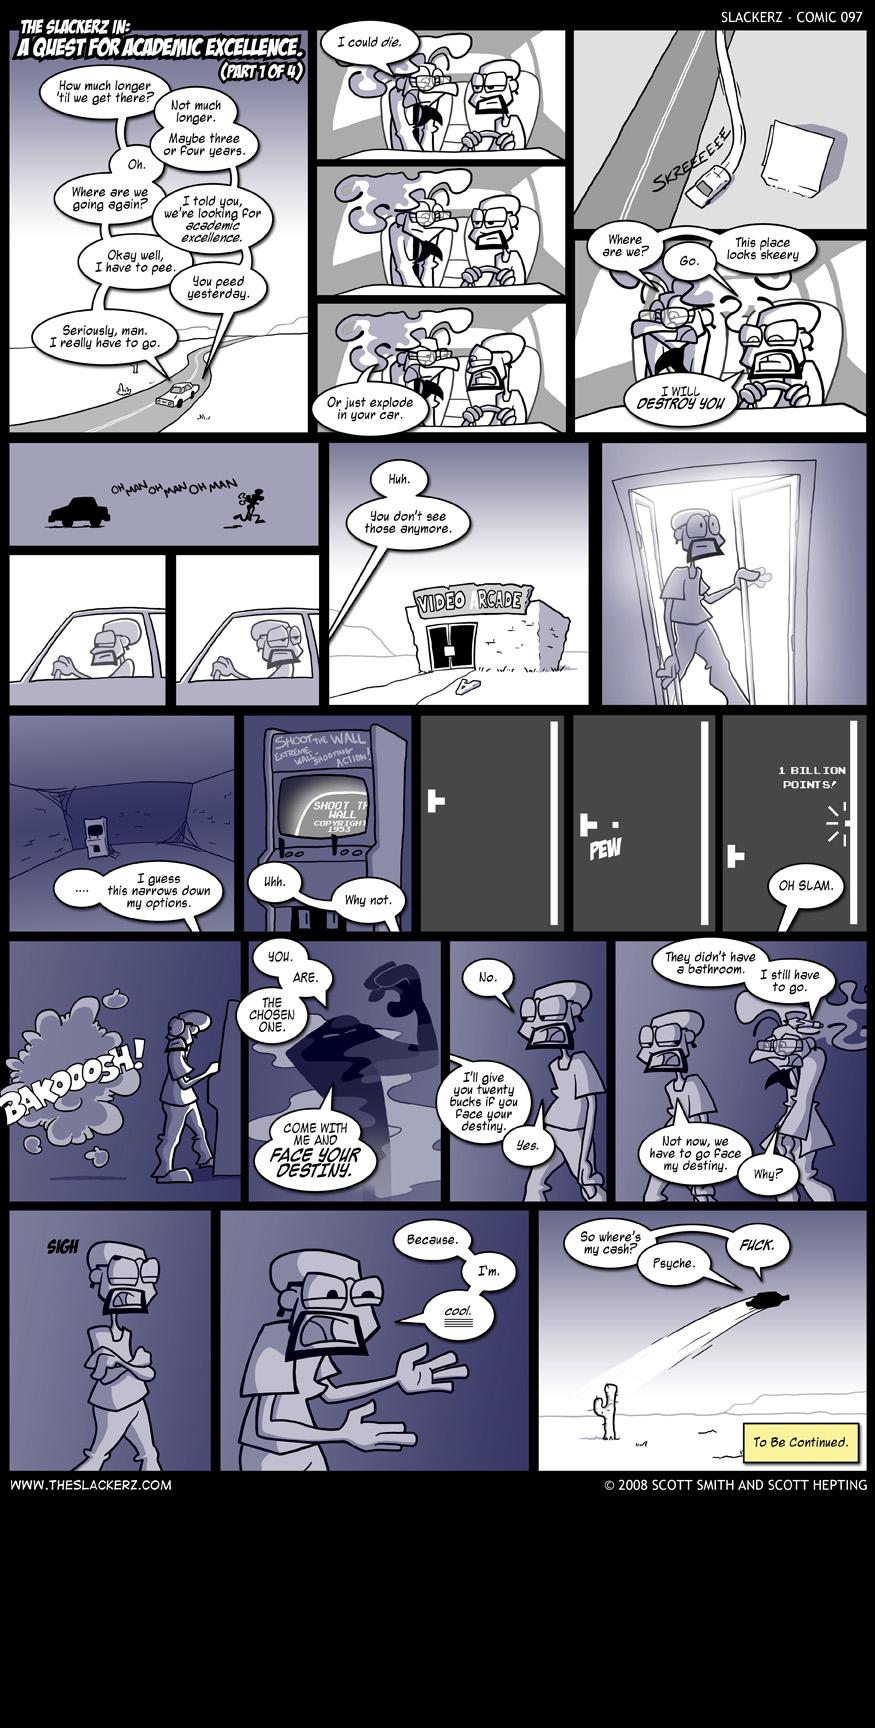 Comic097